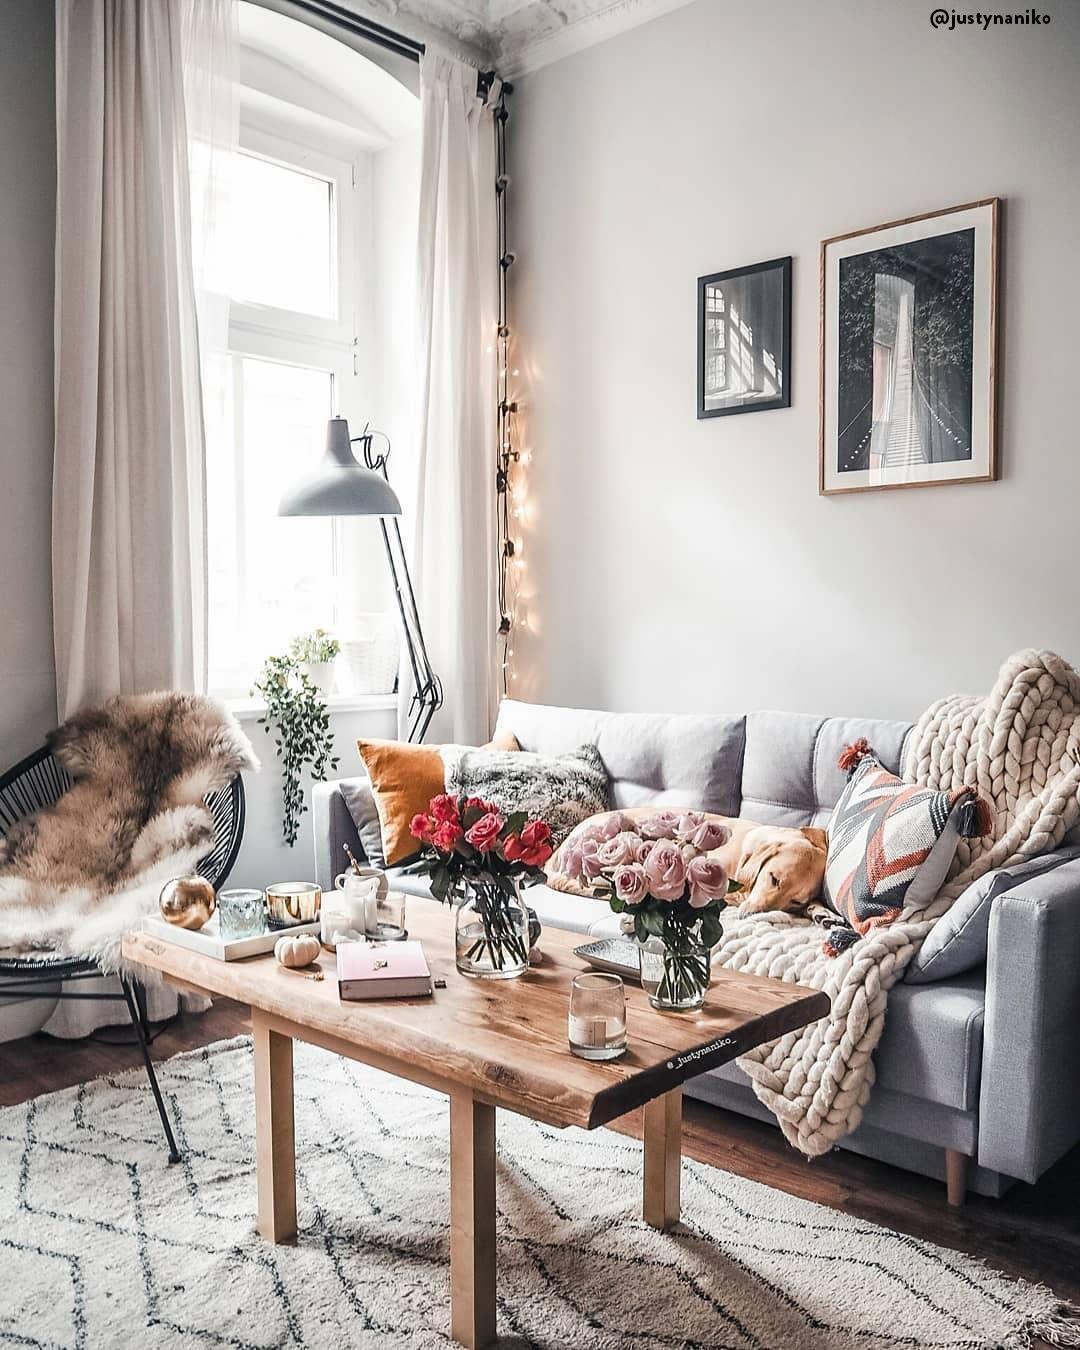 Stile scandi eclettico per il soggiorno 💗 Il centro del ...